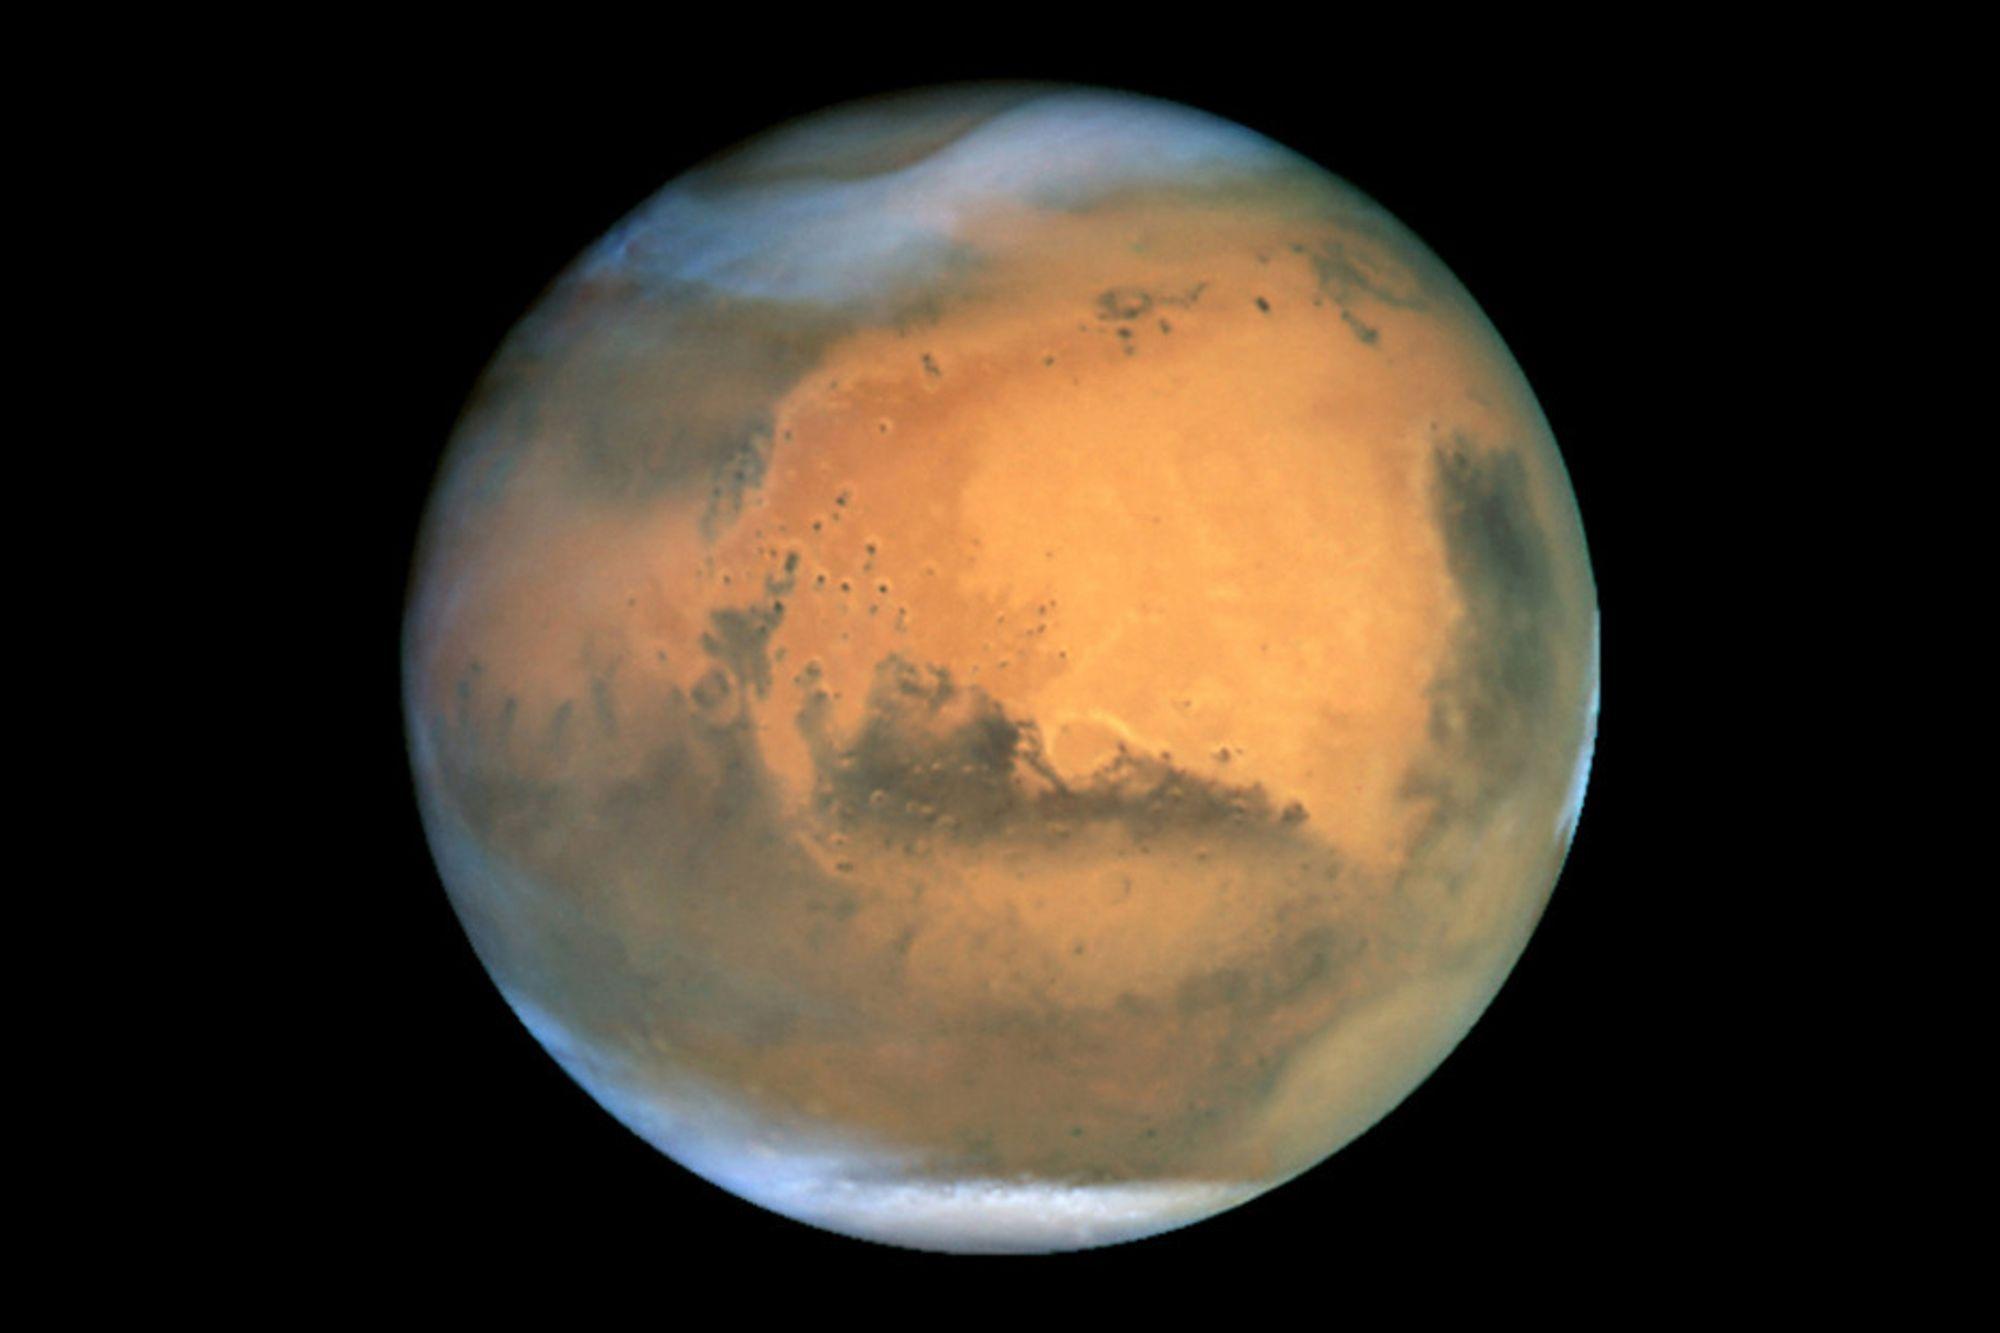 I dag tar det rundt seks måneder å fly til Mars, men håpet er at ny ionemotorteknologi skal redusere tiden til 39 dager.